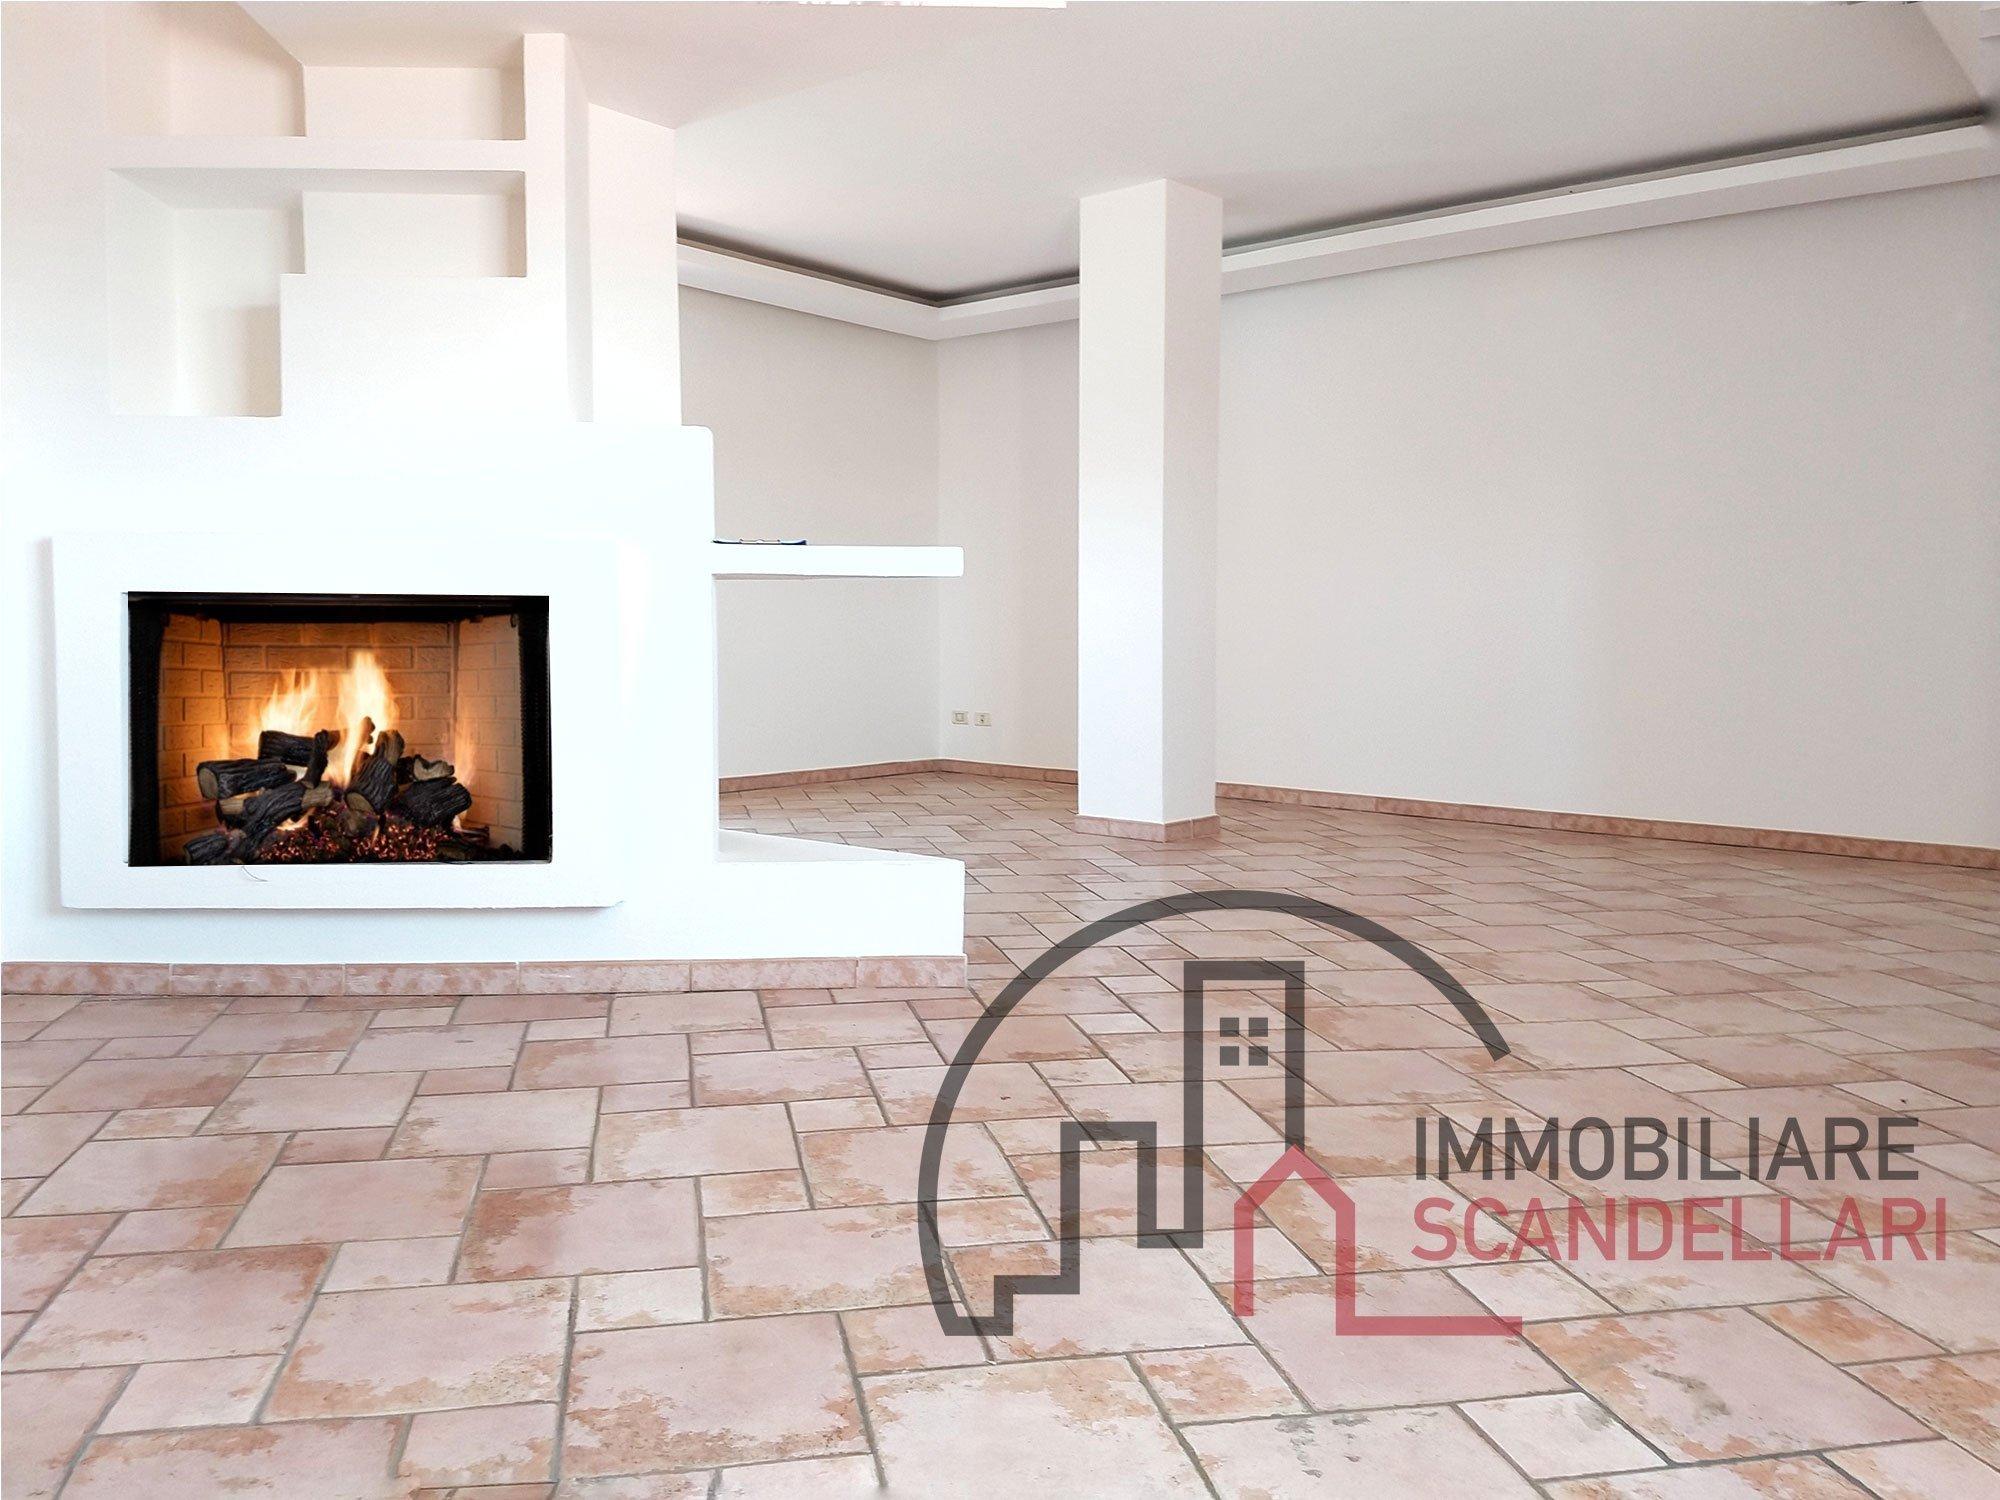 Rimini - Rivazzurra - Attico 120 m² con lastrico solare - IMMOBILIARE SCANDELLARI